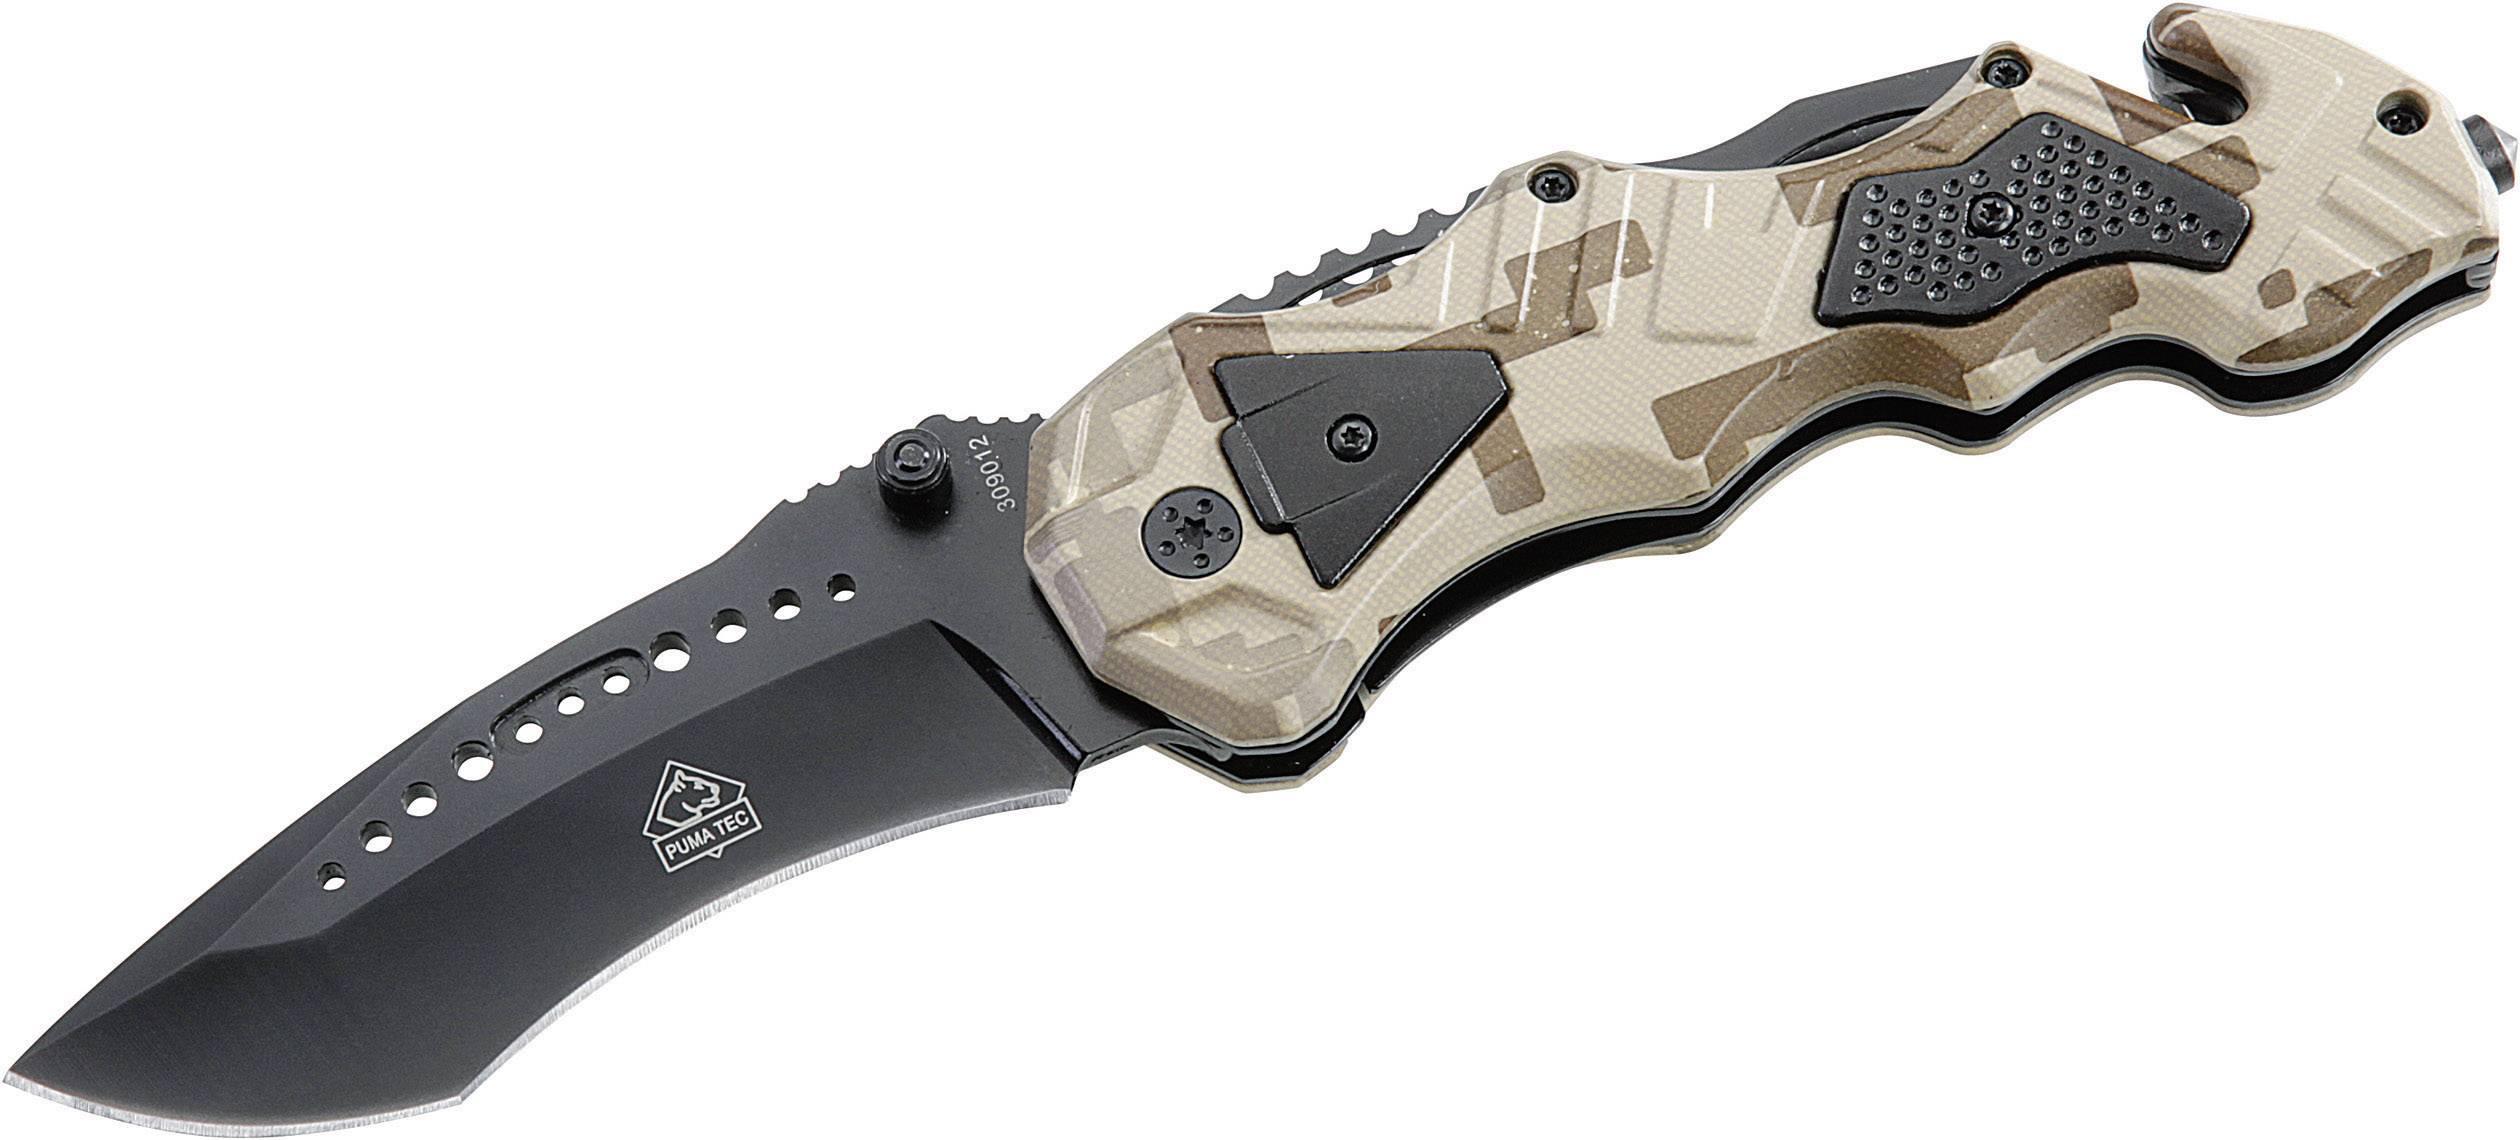 Záchranářský nůž PumaTec Tarn, černě potažený 7309012